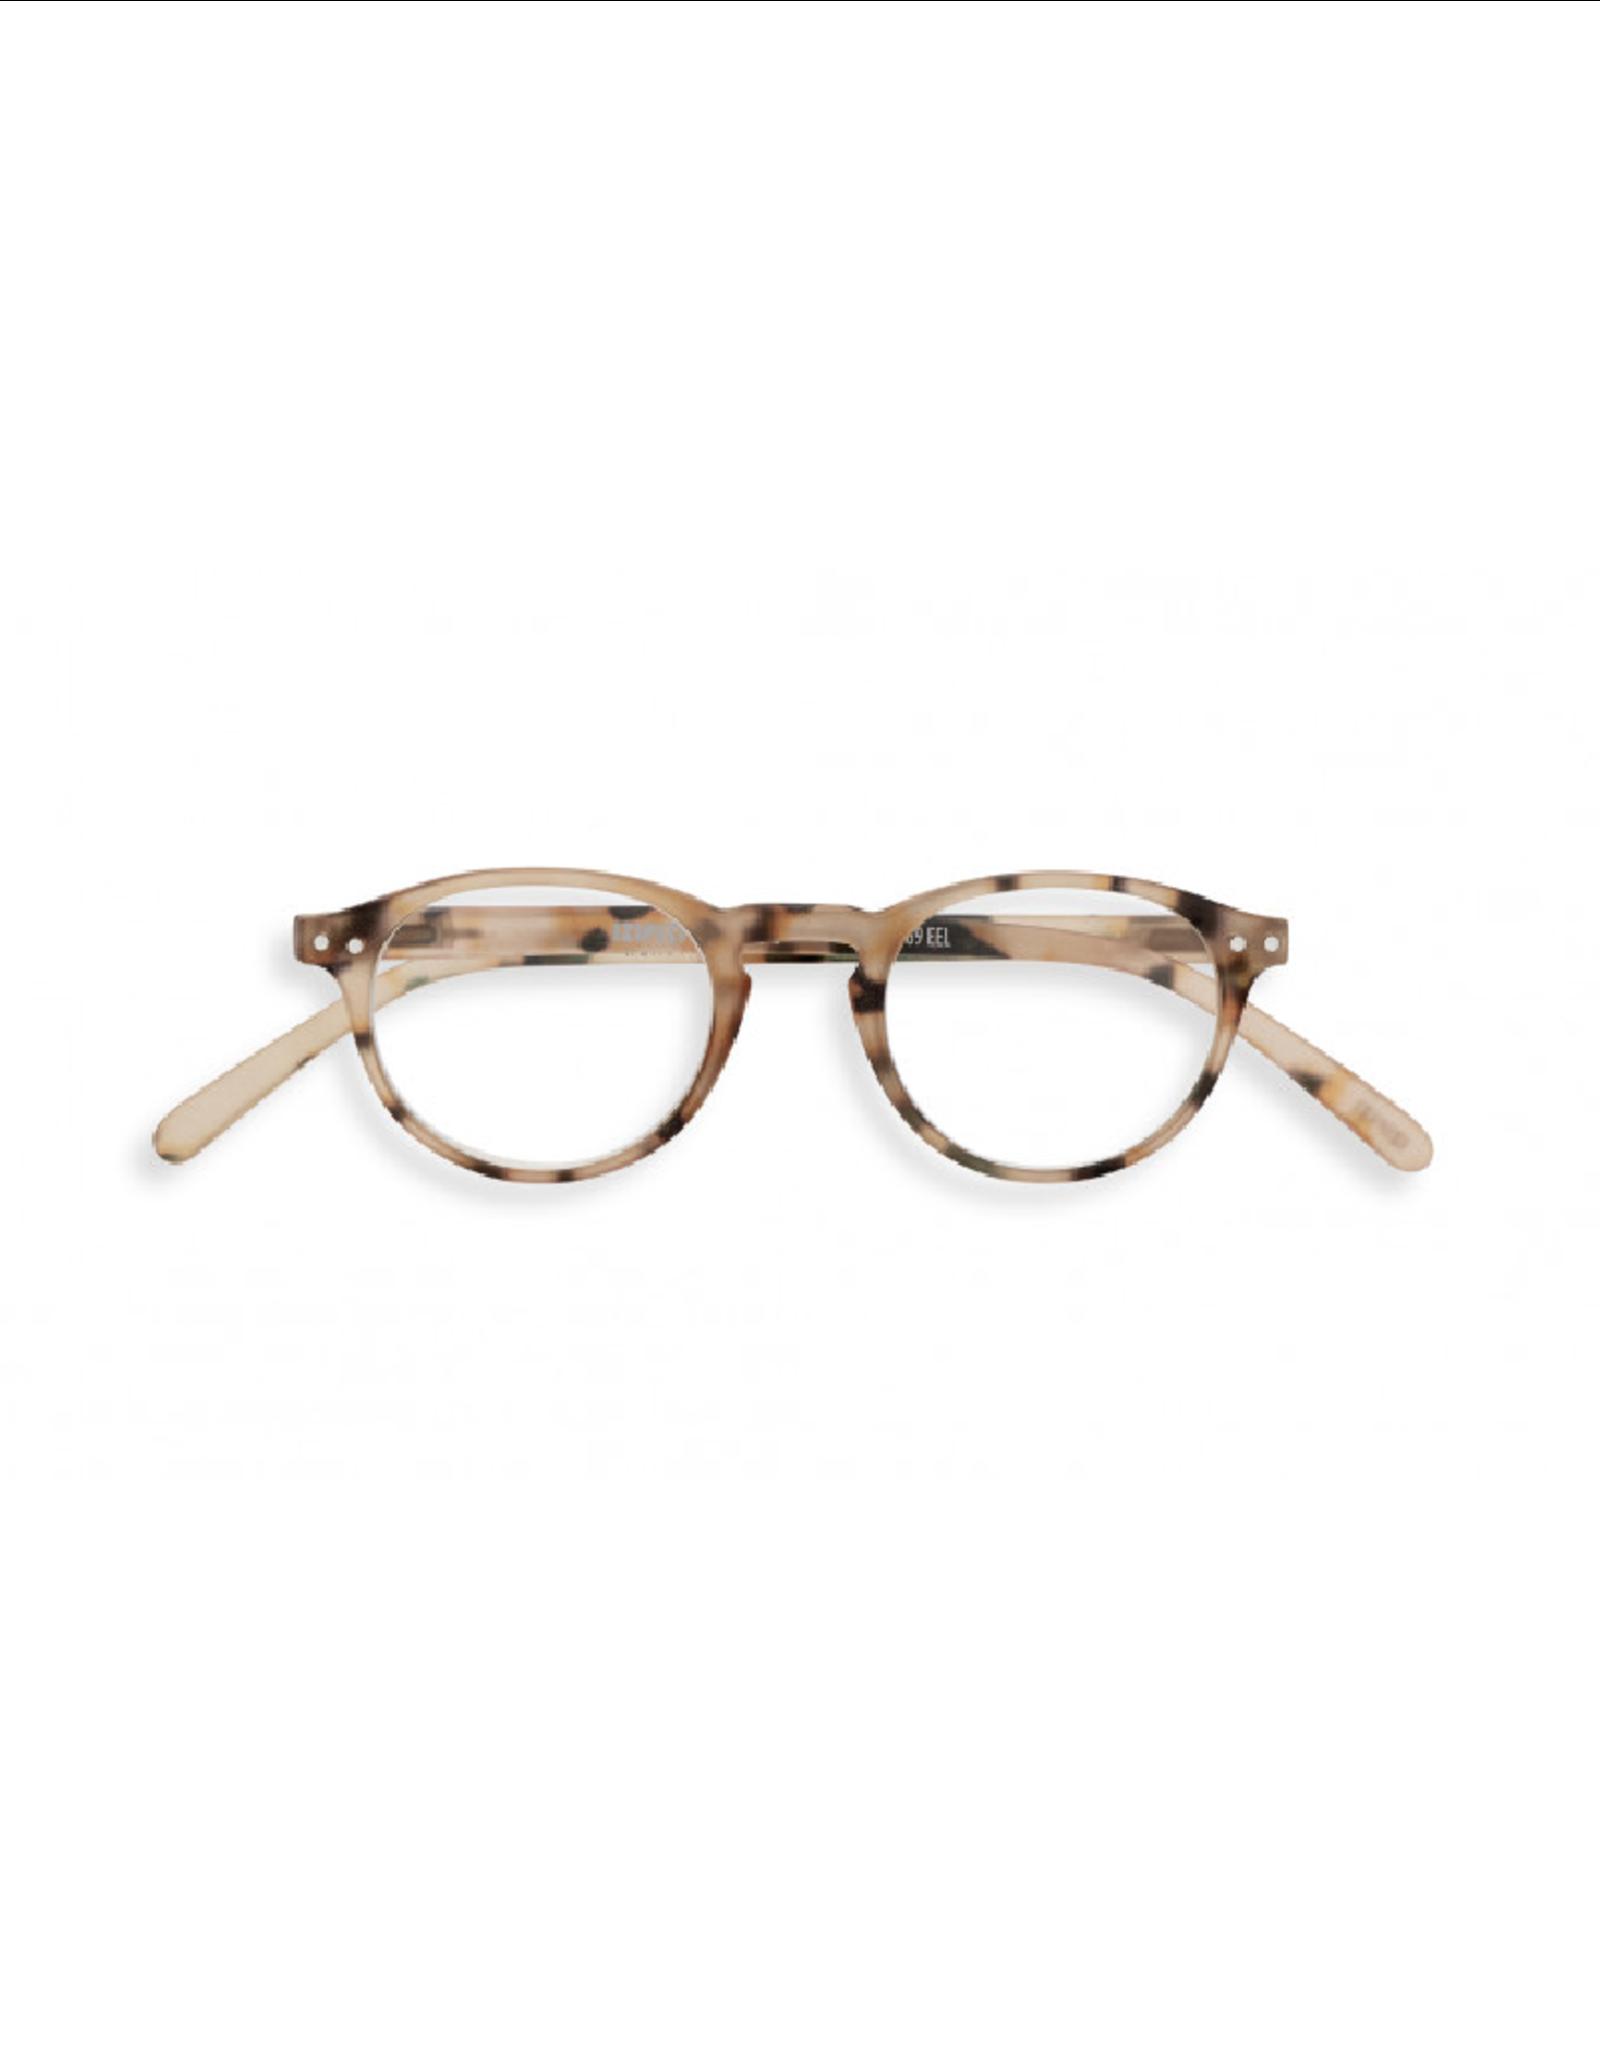 IZIPIZI IZIPIZI Reading Glasses Style #A